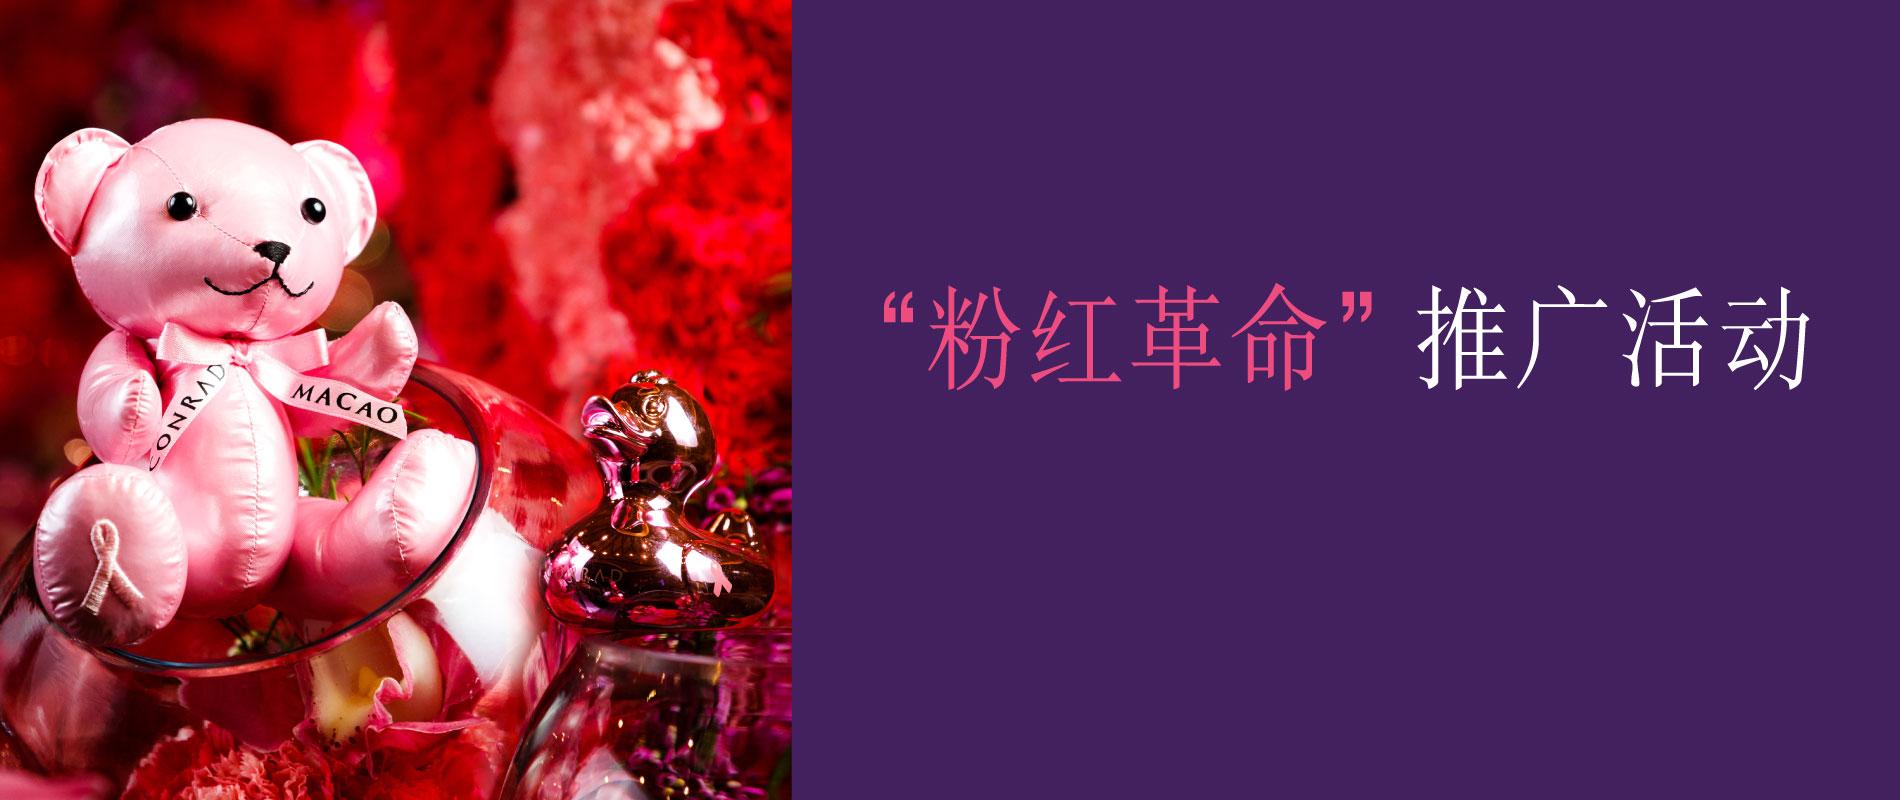 """澳门康莱德呈献2017""""粉红革命""""推广活动"""